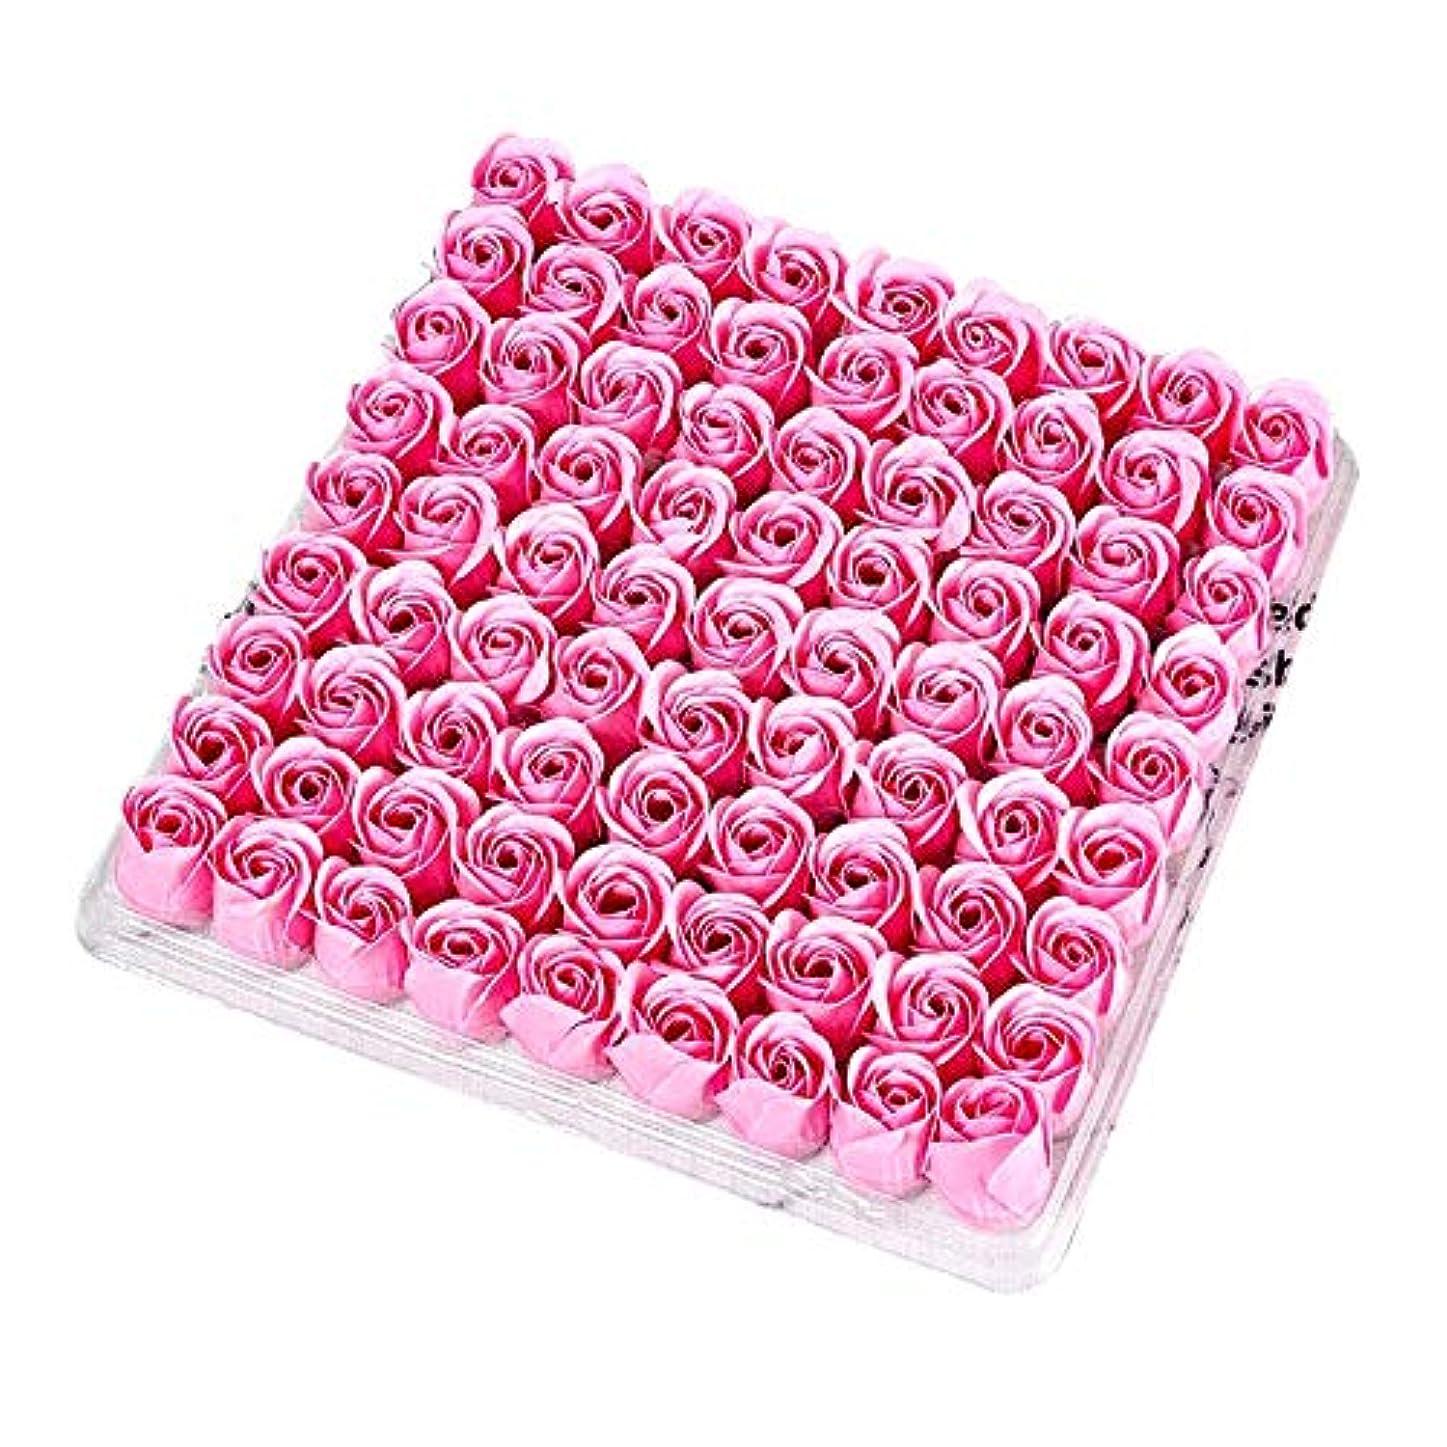 耳サスペンドくぼみTOOGOO 81個の薔薇、バス ボディ フラワー?フローラルの石けん 香りのよいローズフラワー エッセンシャルオイル フローラルのお客様への石鹸 ウェディング、パーティー、バレンタインデーの贈り物、ピンク